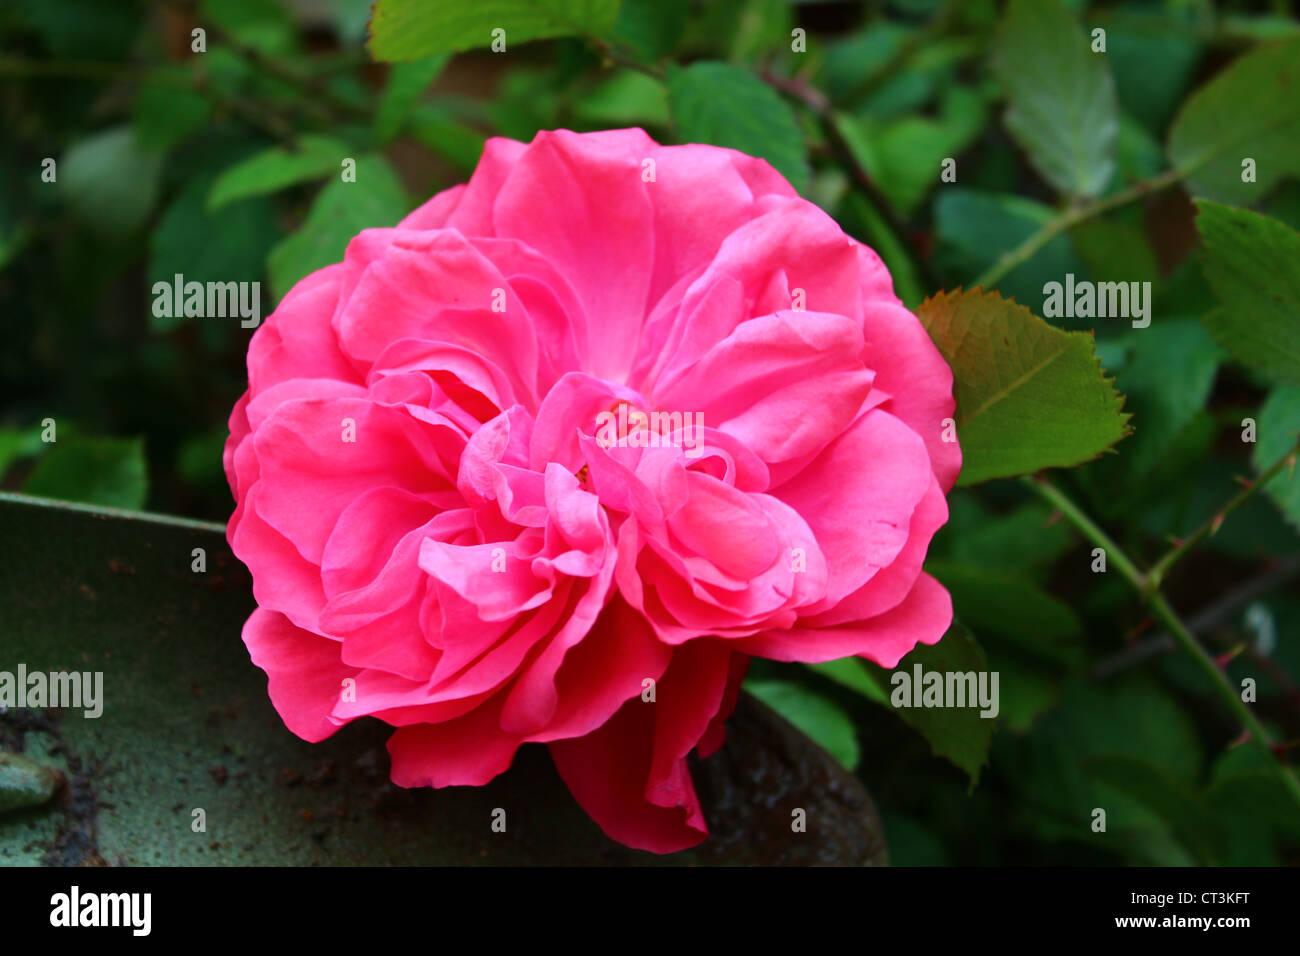 Une rose rose sur fond vert des feuilles et une pelle à main. Photo Stock